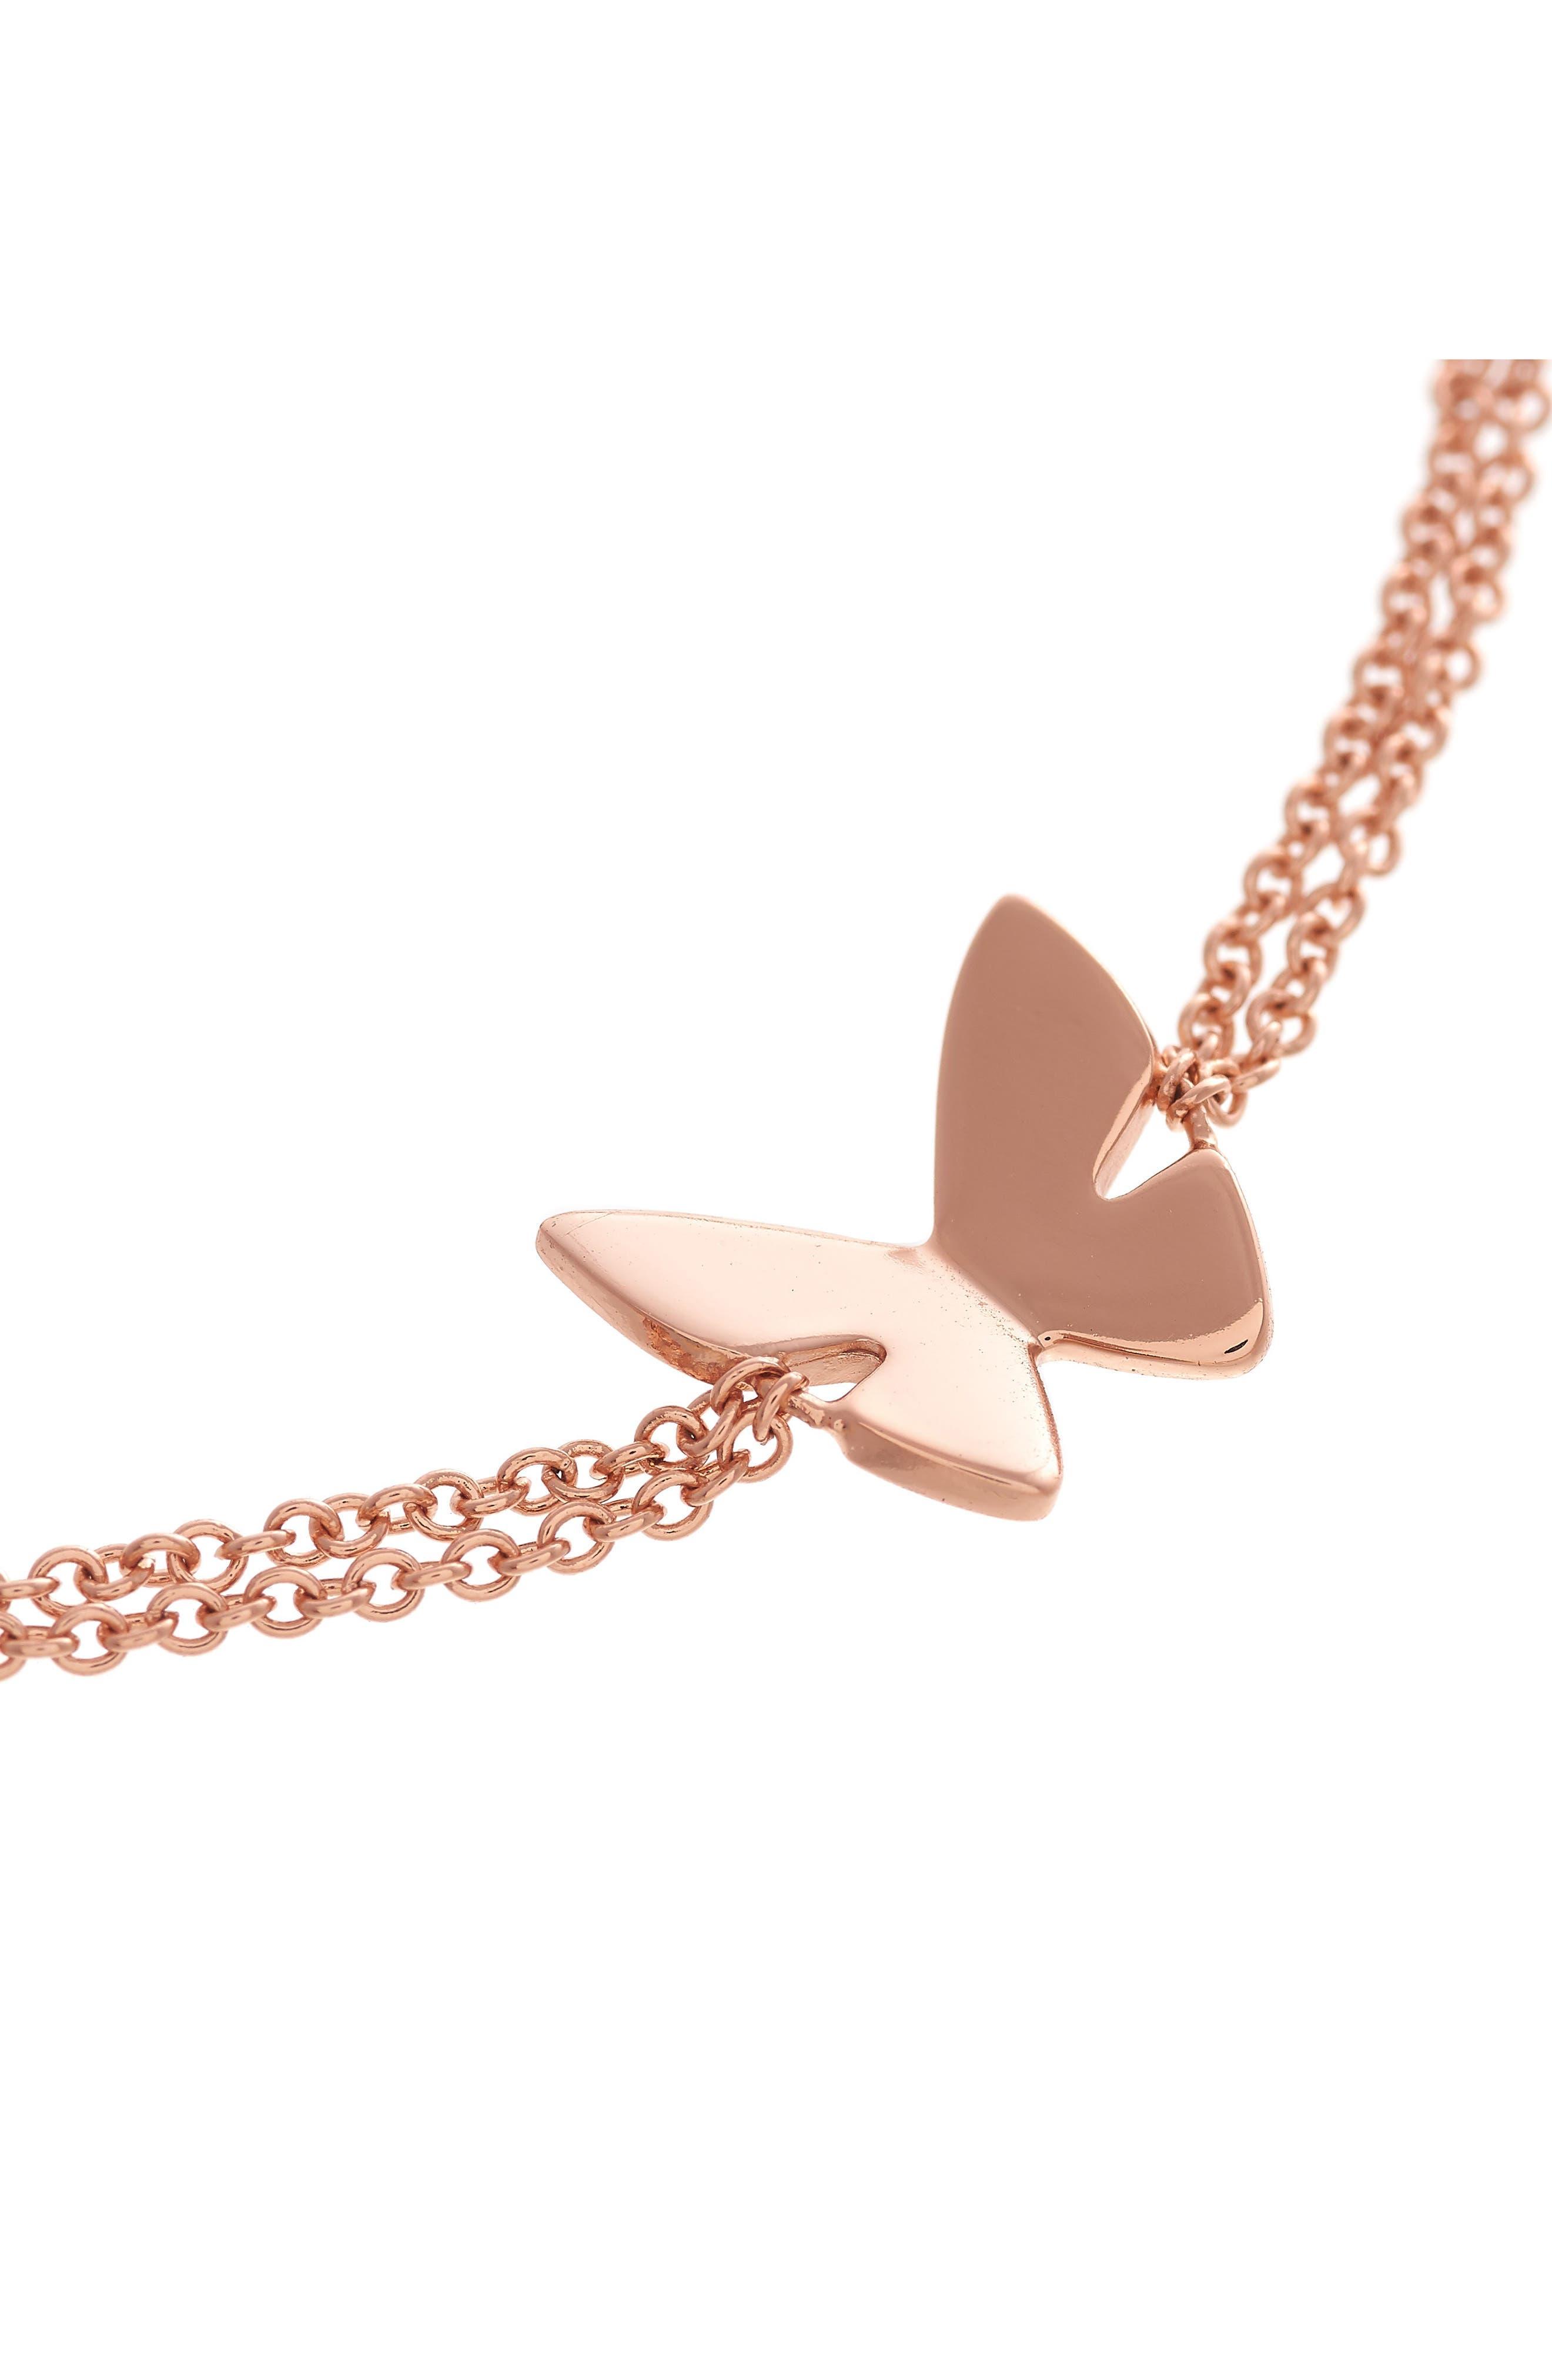 Social Butterfly Chain Bracelet,                             Alternate thumbnail 2, color,                             ROSE GOLD